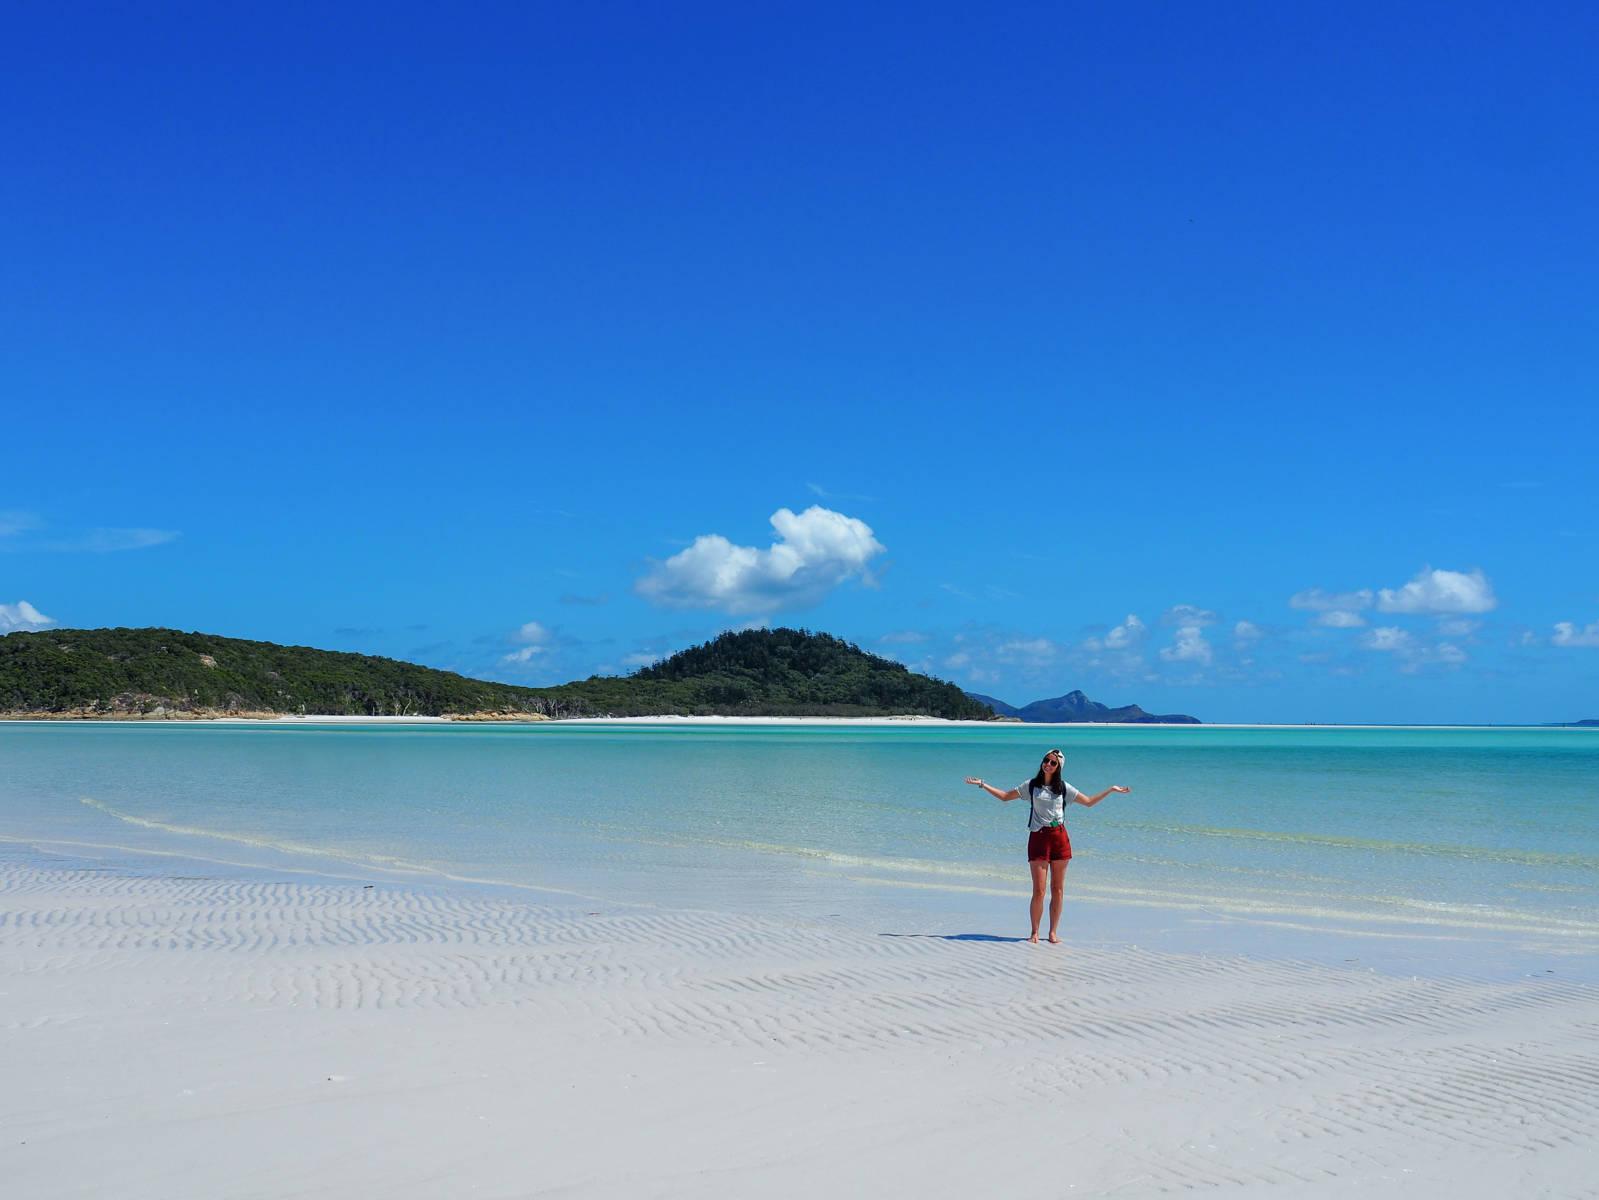 Plage Whitsunday Islands